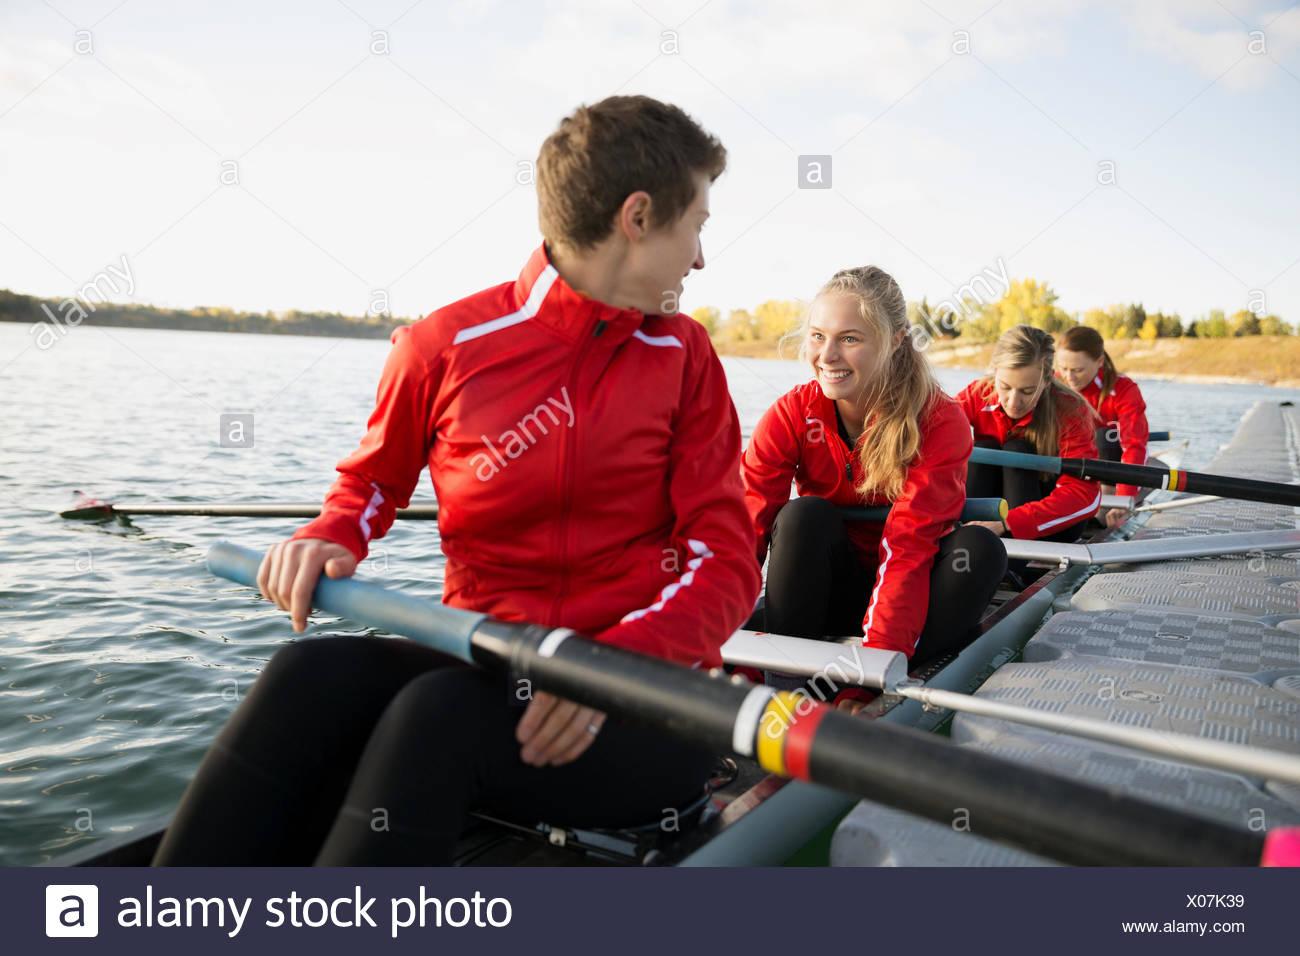 Il team di canottaggio in scull a waterfront Immagini Stock